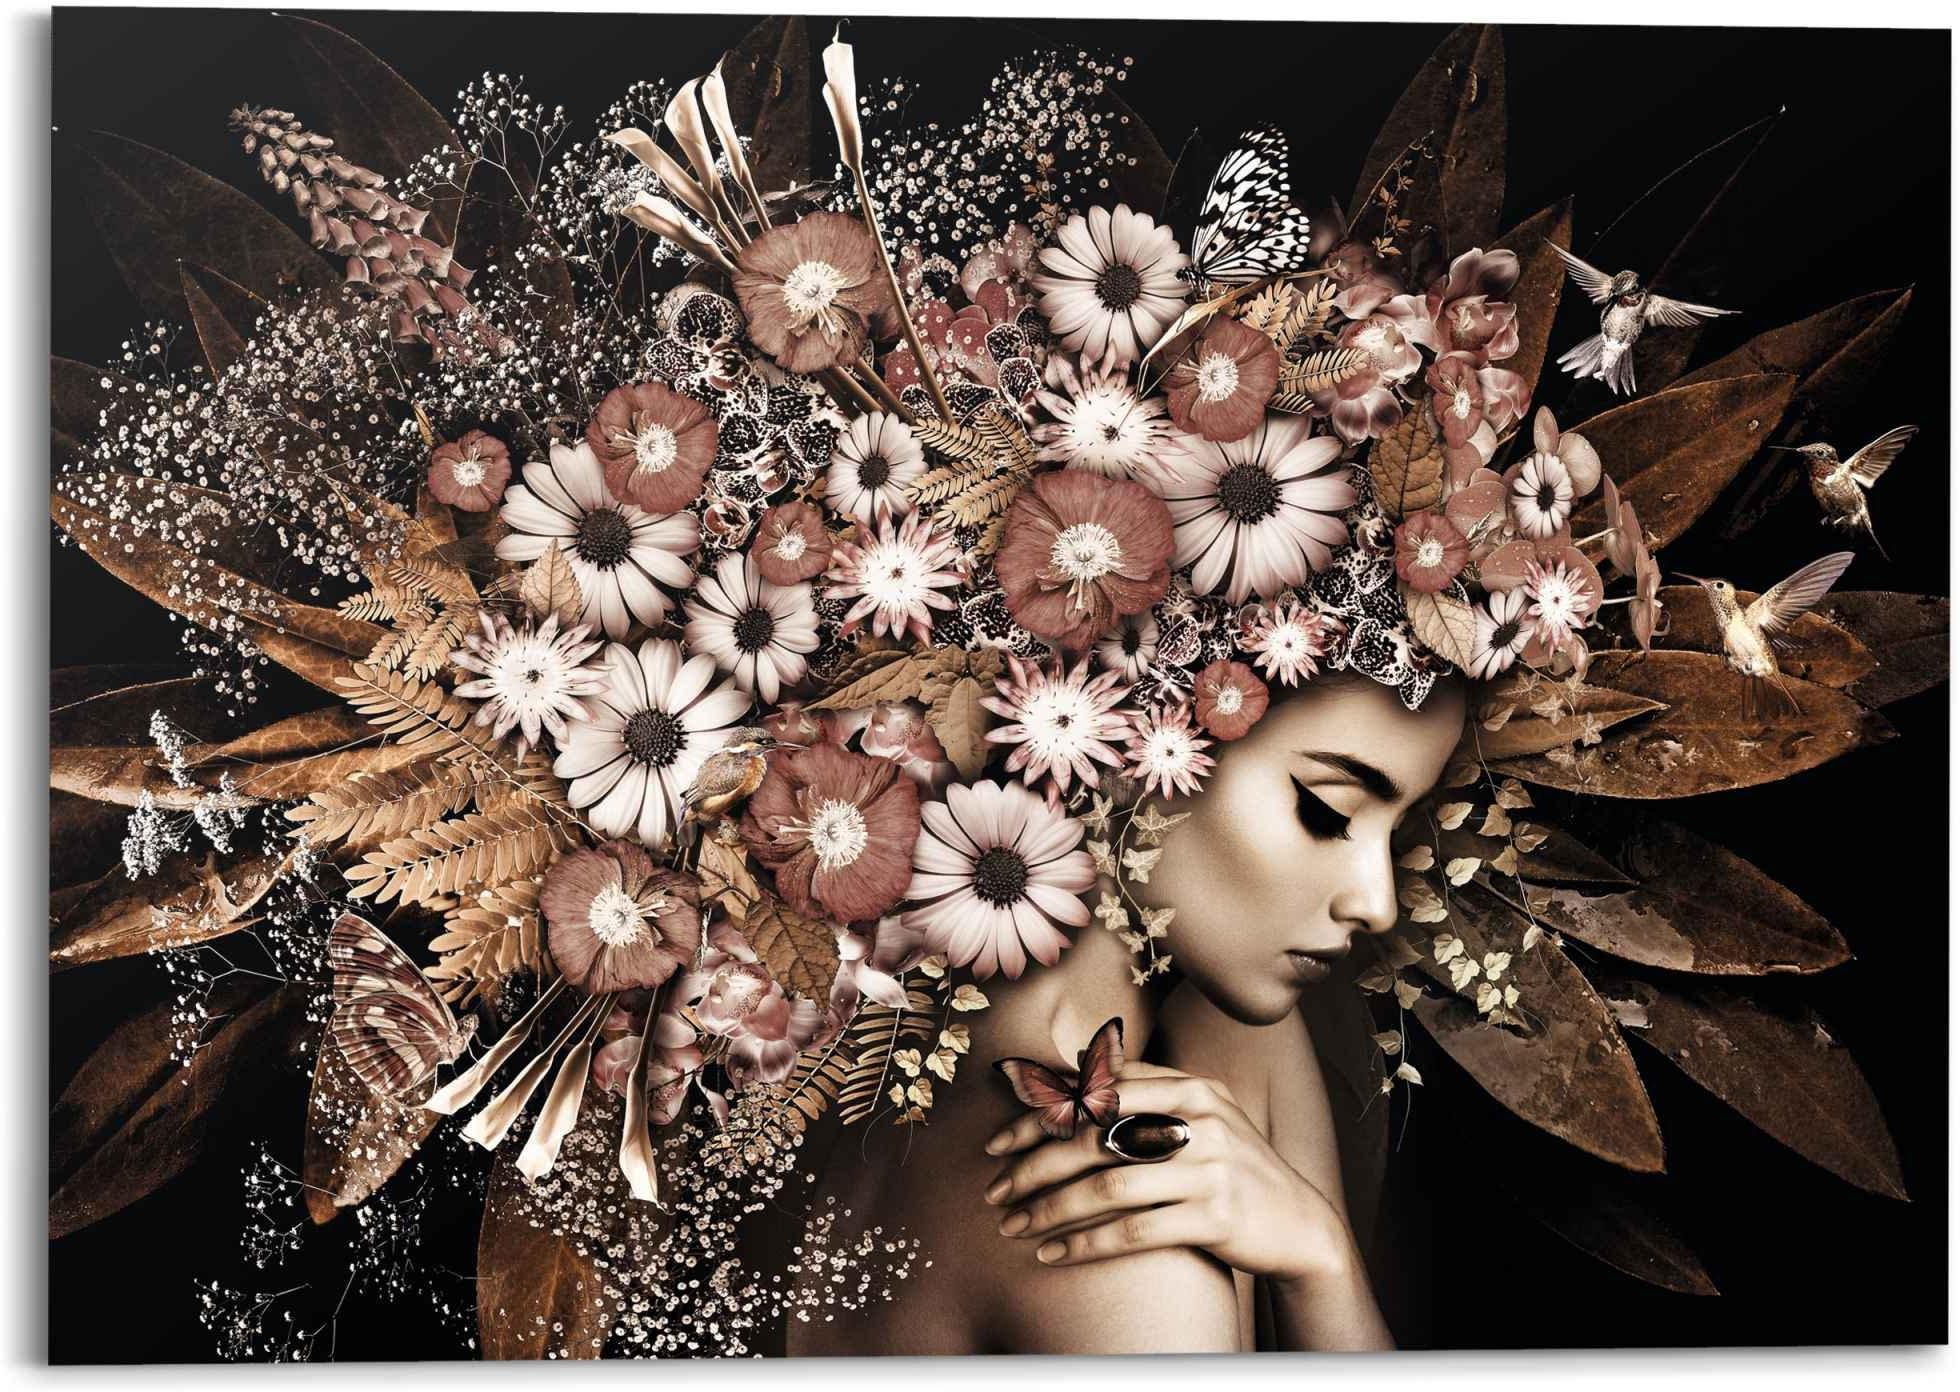 Op zoek naar een Reinders! artprint bloemenzee vrouw - vlinder - struik - romantiek (1 stuk)? Koop online bij OTTO